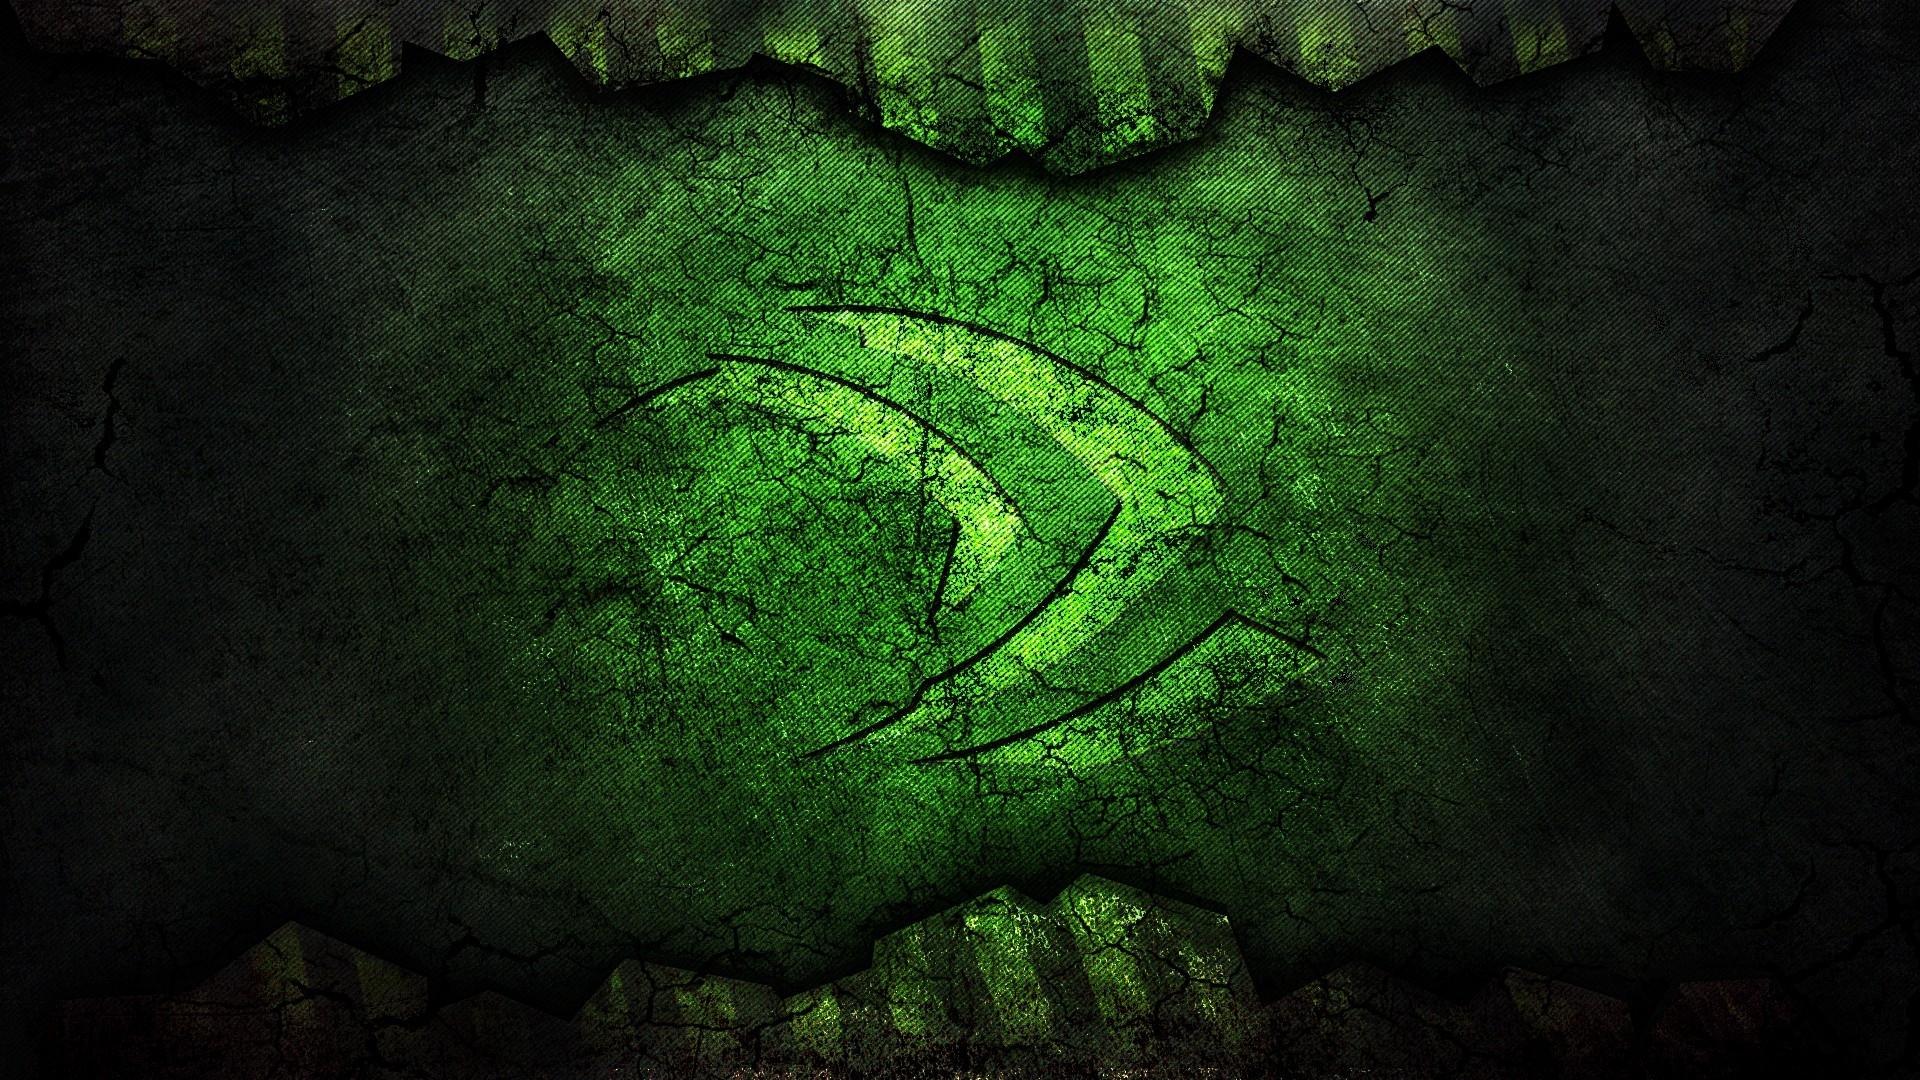 http://2.bp.blogspot.com/-M8ukK45YCh0/UH1dZr3sdCI/AAAAAAAAMO0/qhAdAhU2MCg/s0/nvidia-green-logo-1920x1080-wallpaper.jpg